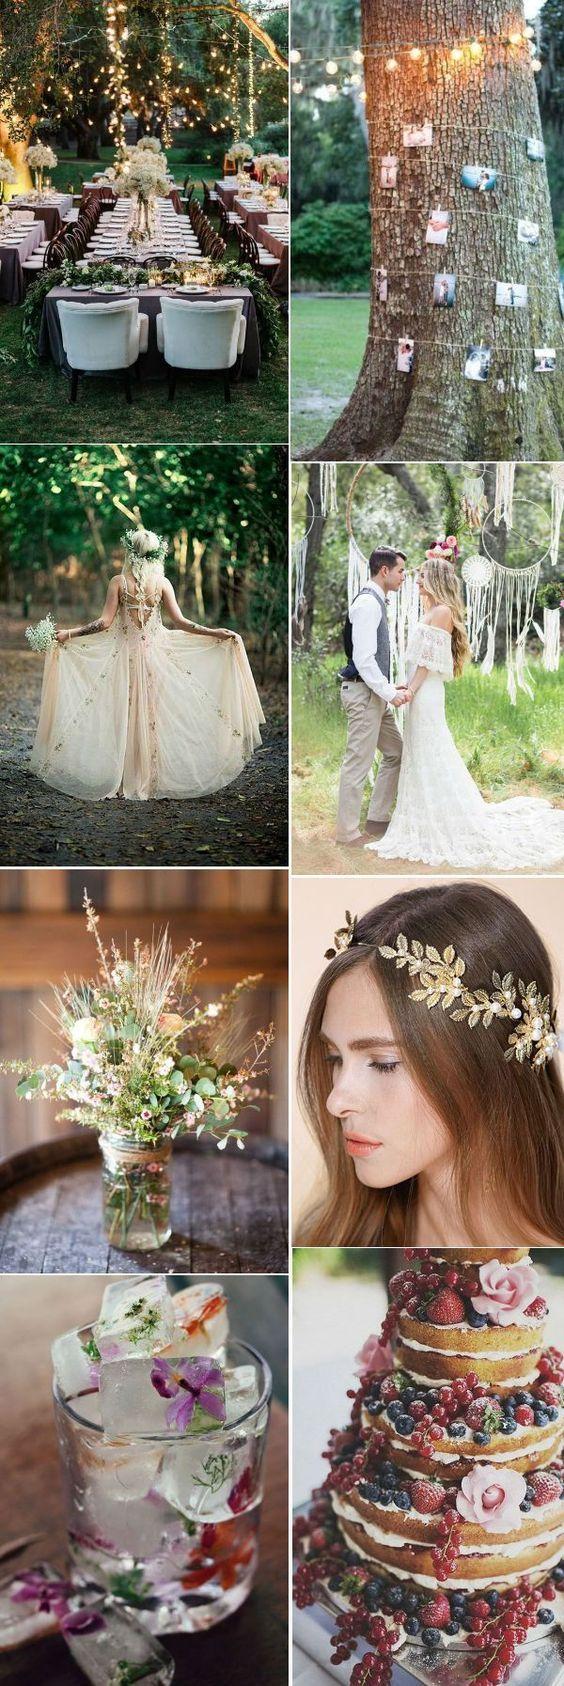 pretty boho wedding ideas for springsummer weddings